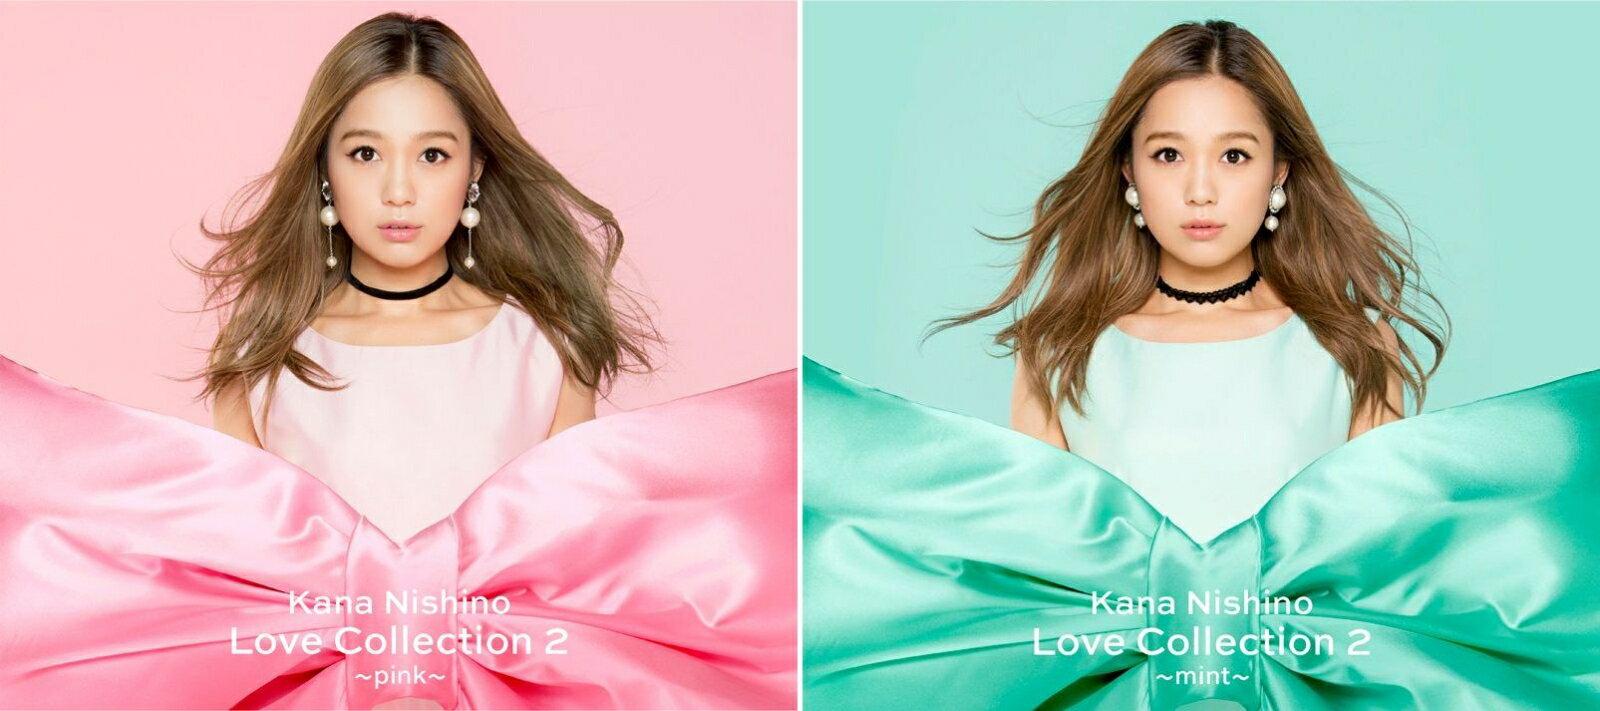 【セット組】Love Collection 2 〜pink〜&Love Collection 2 〜mint〜 (初回生産限定盤) 【特典なし】 [ 西野カナ ]